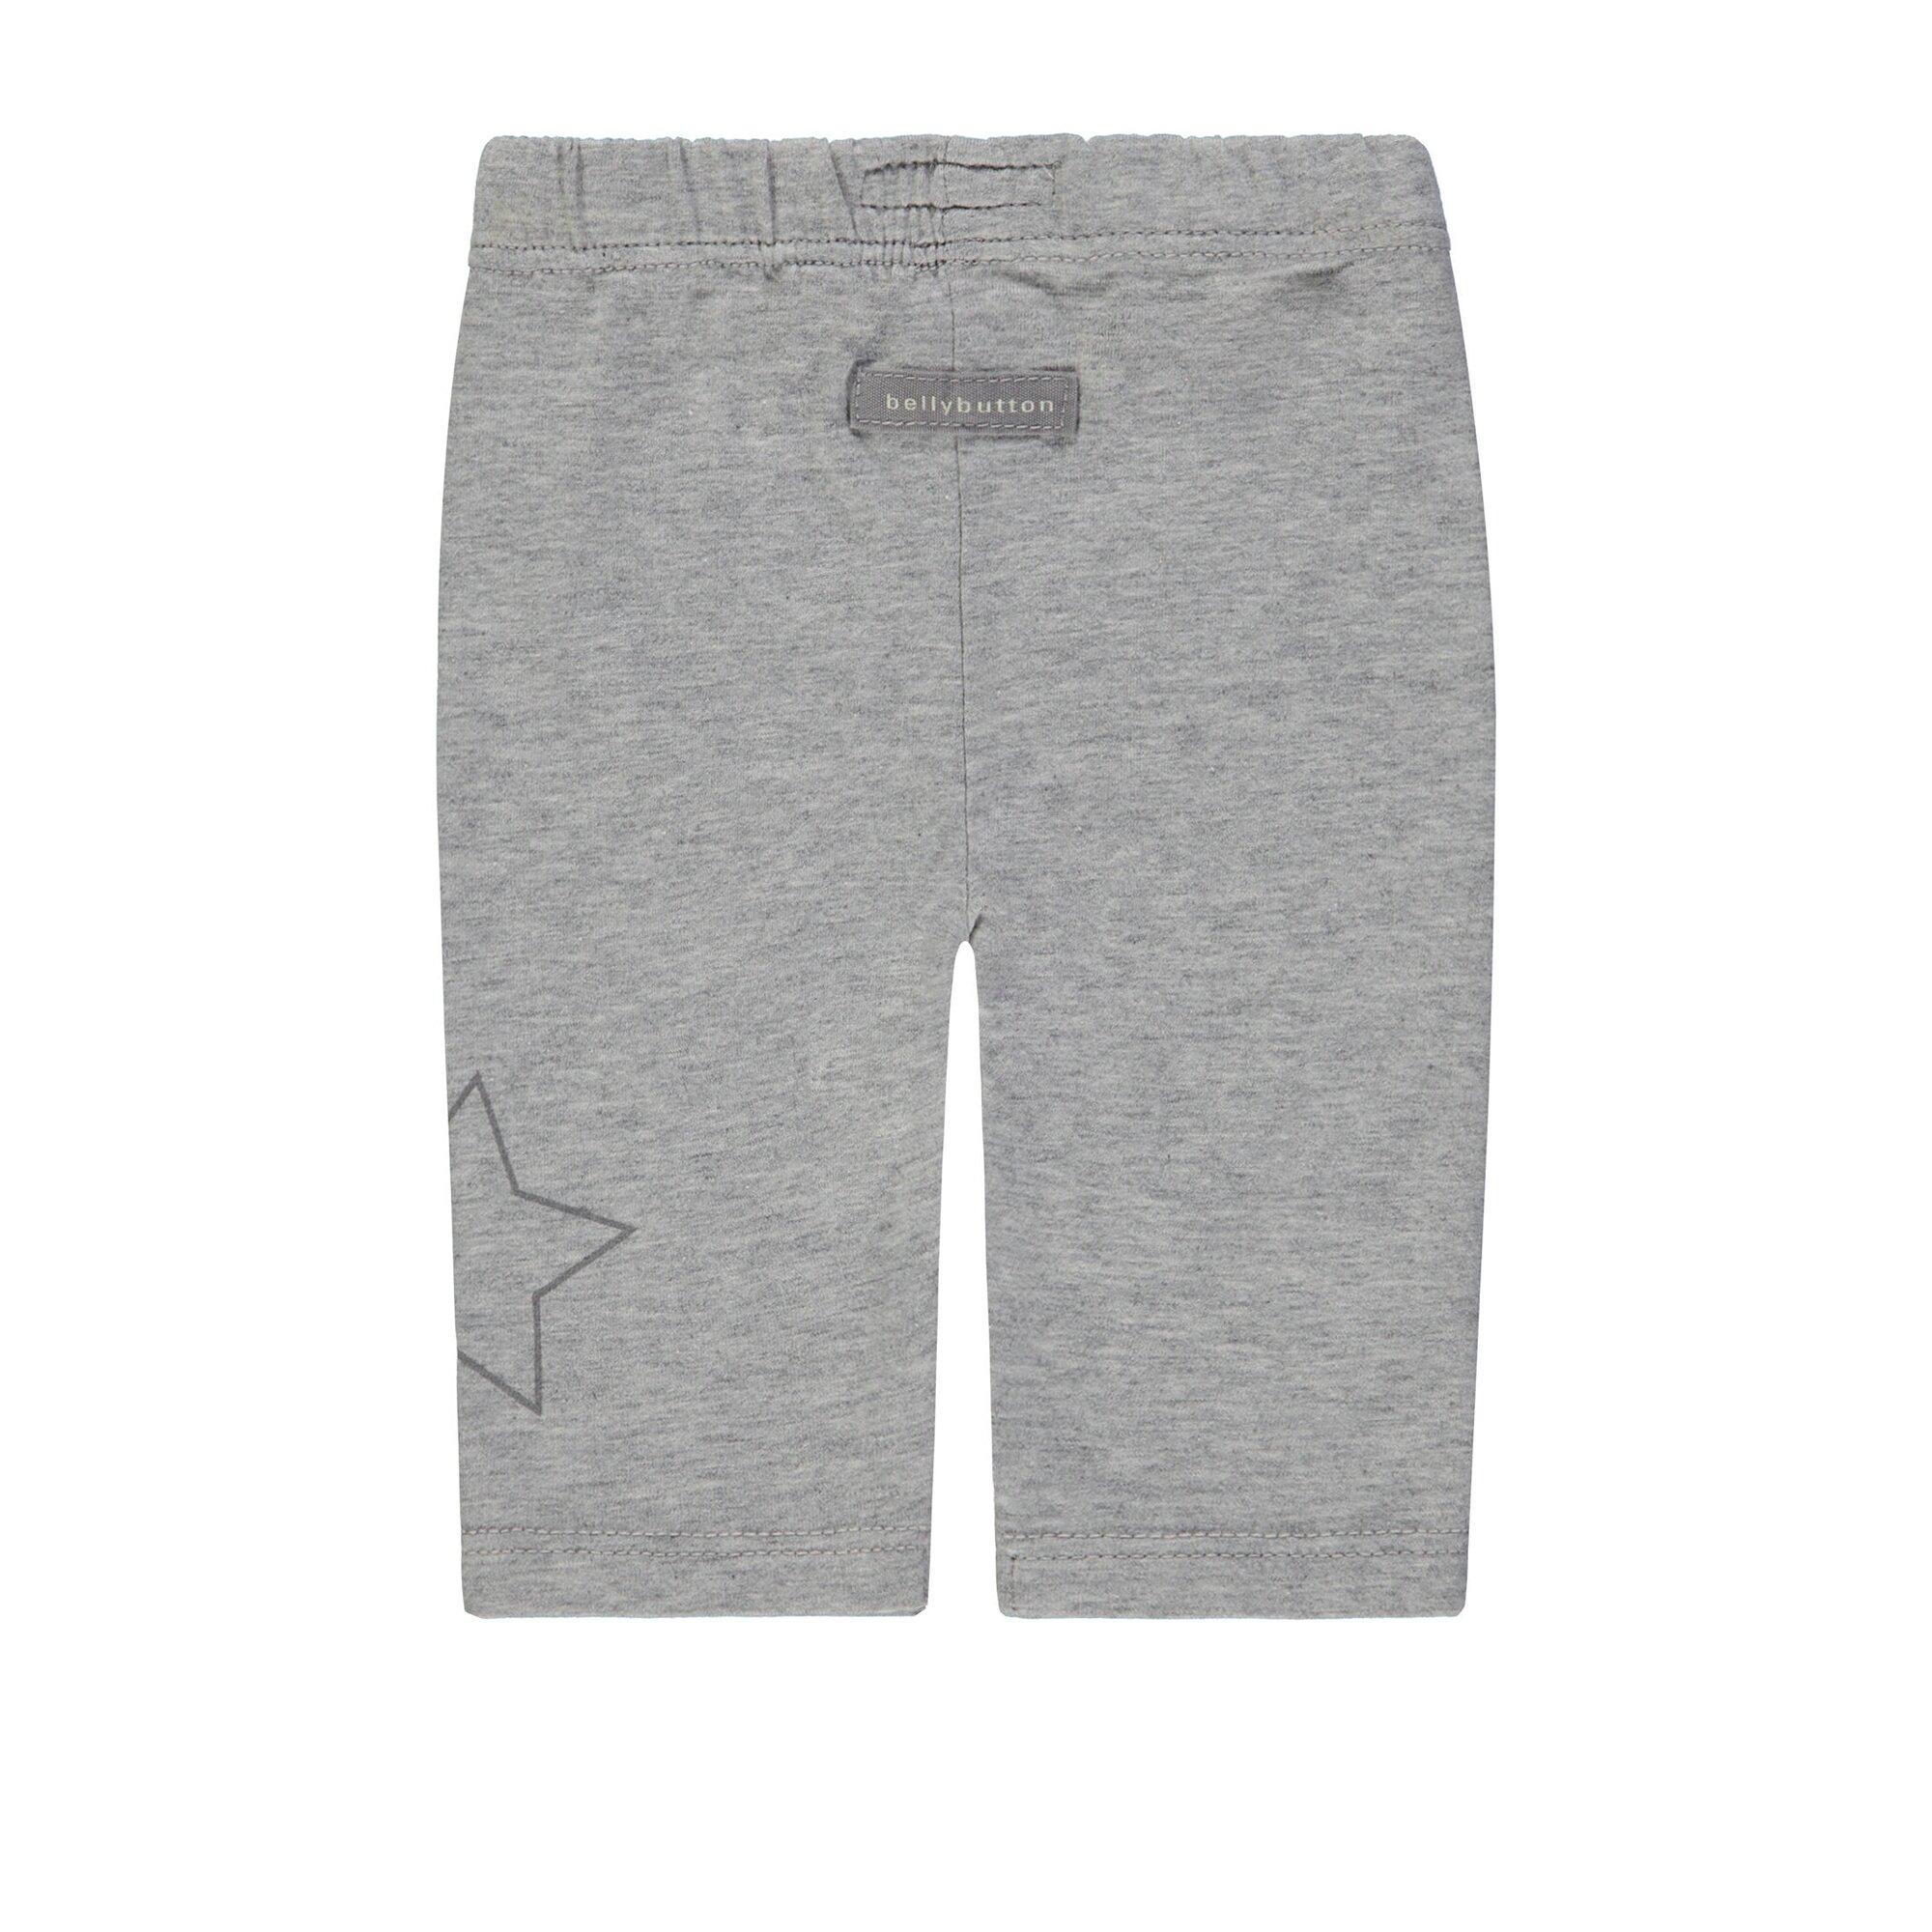 bellybutton-leggings-mit-gro-en-stern-am-bein